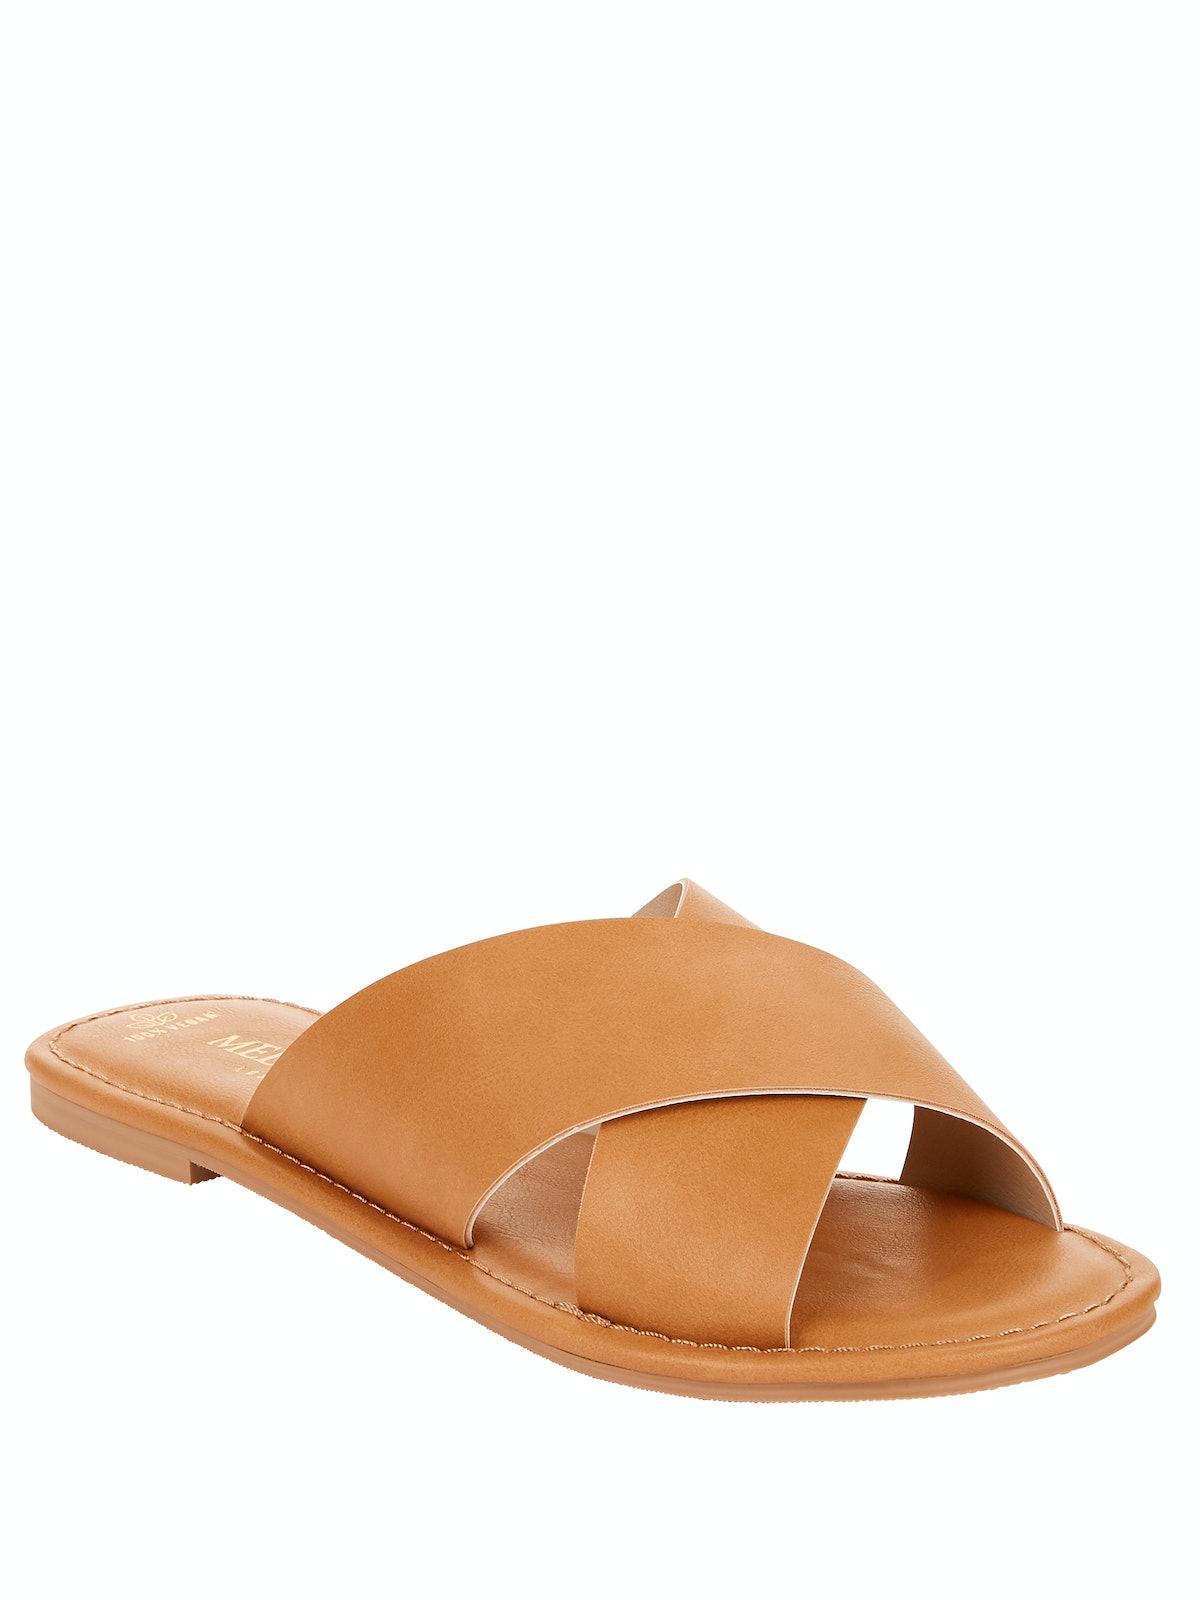 Melrose Ave Women's Good To Go Vegan Sandal